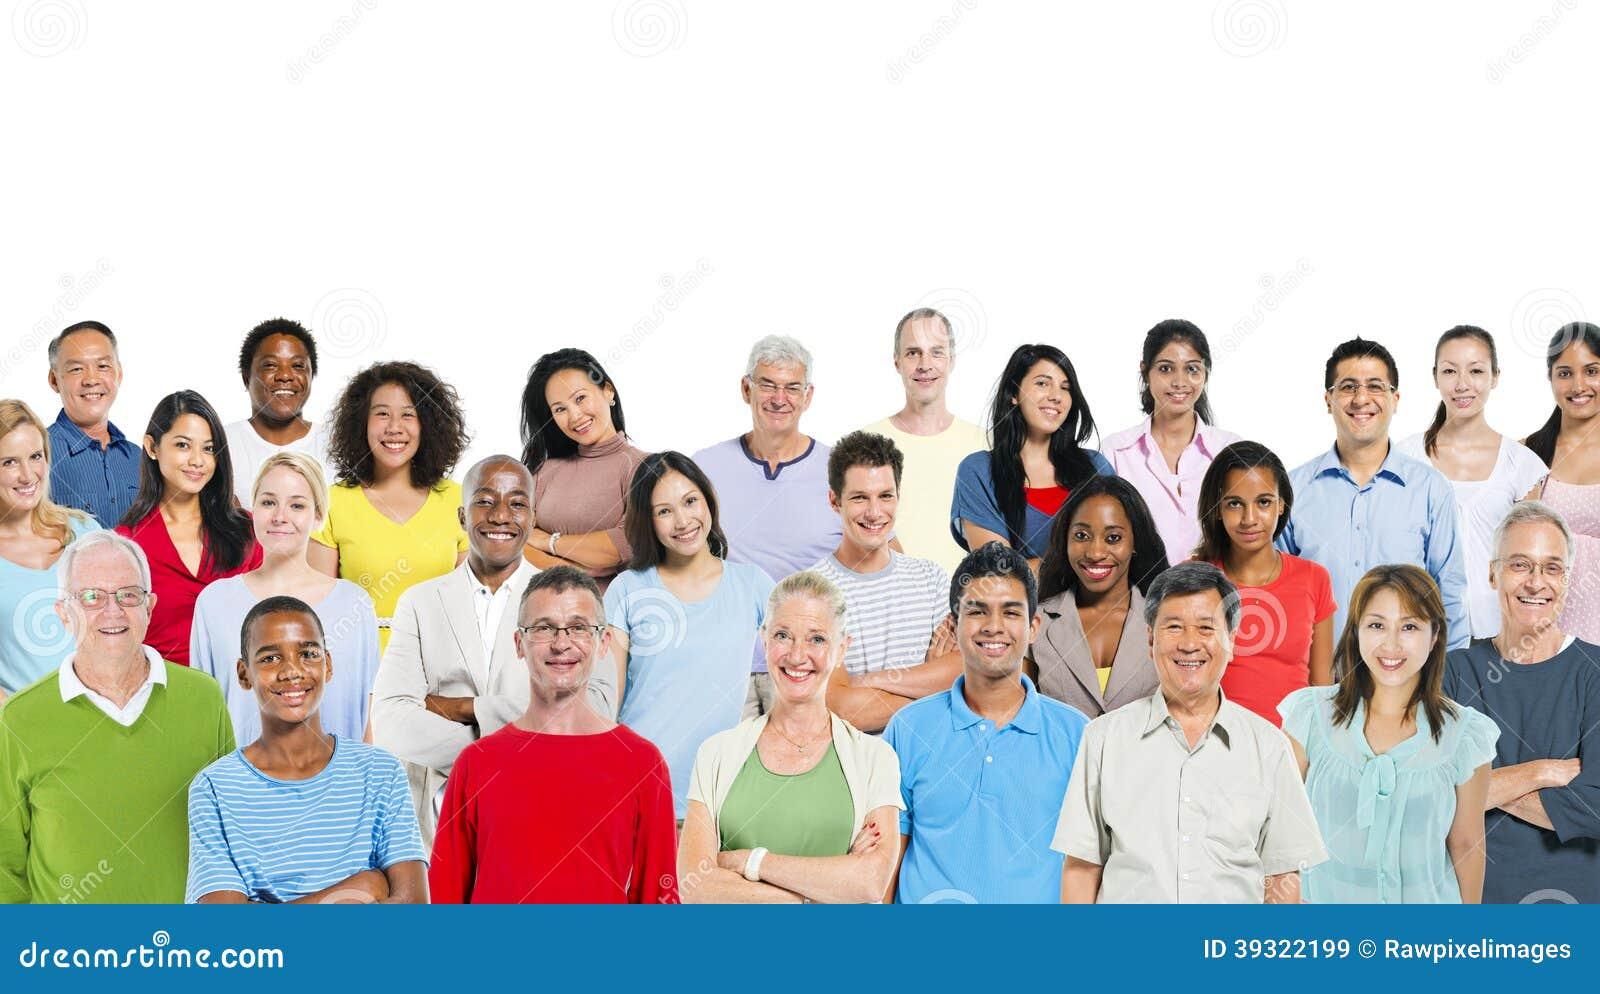 Смешанная группа людей